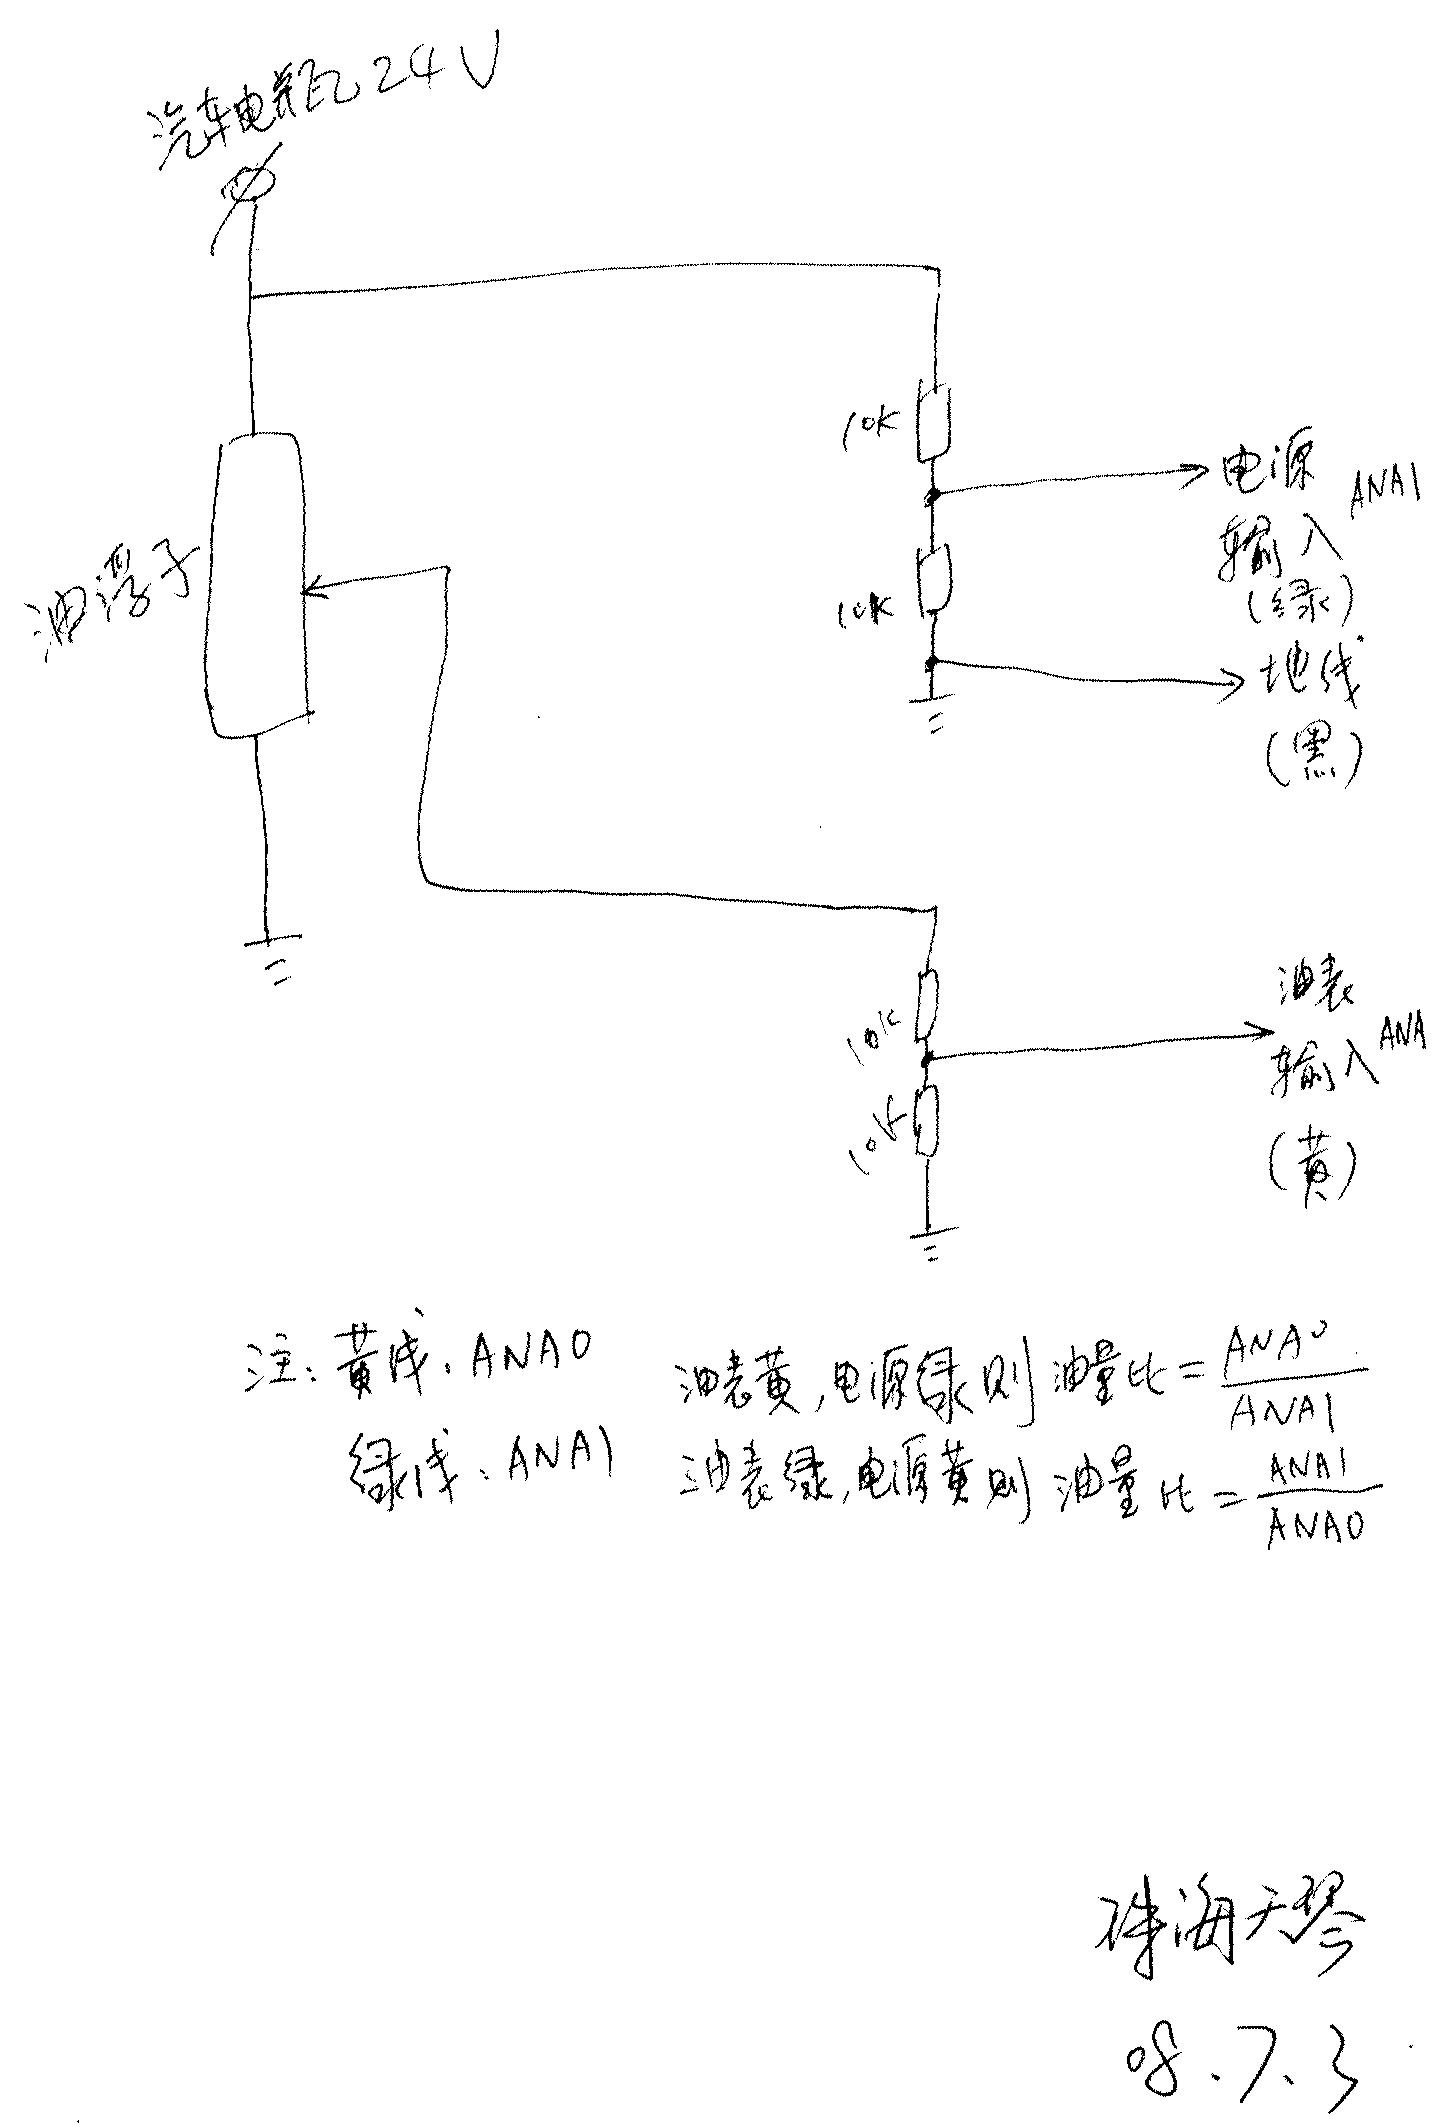 主题:天禾接原车油箱油表接线图